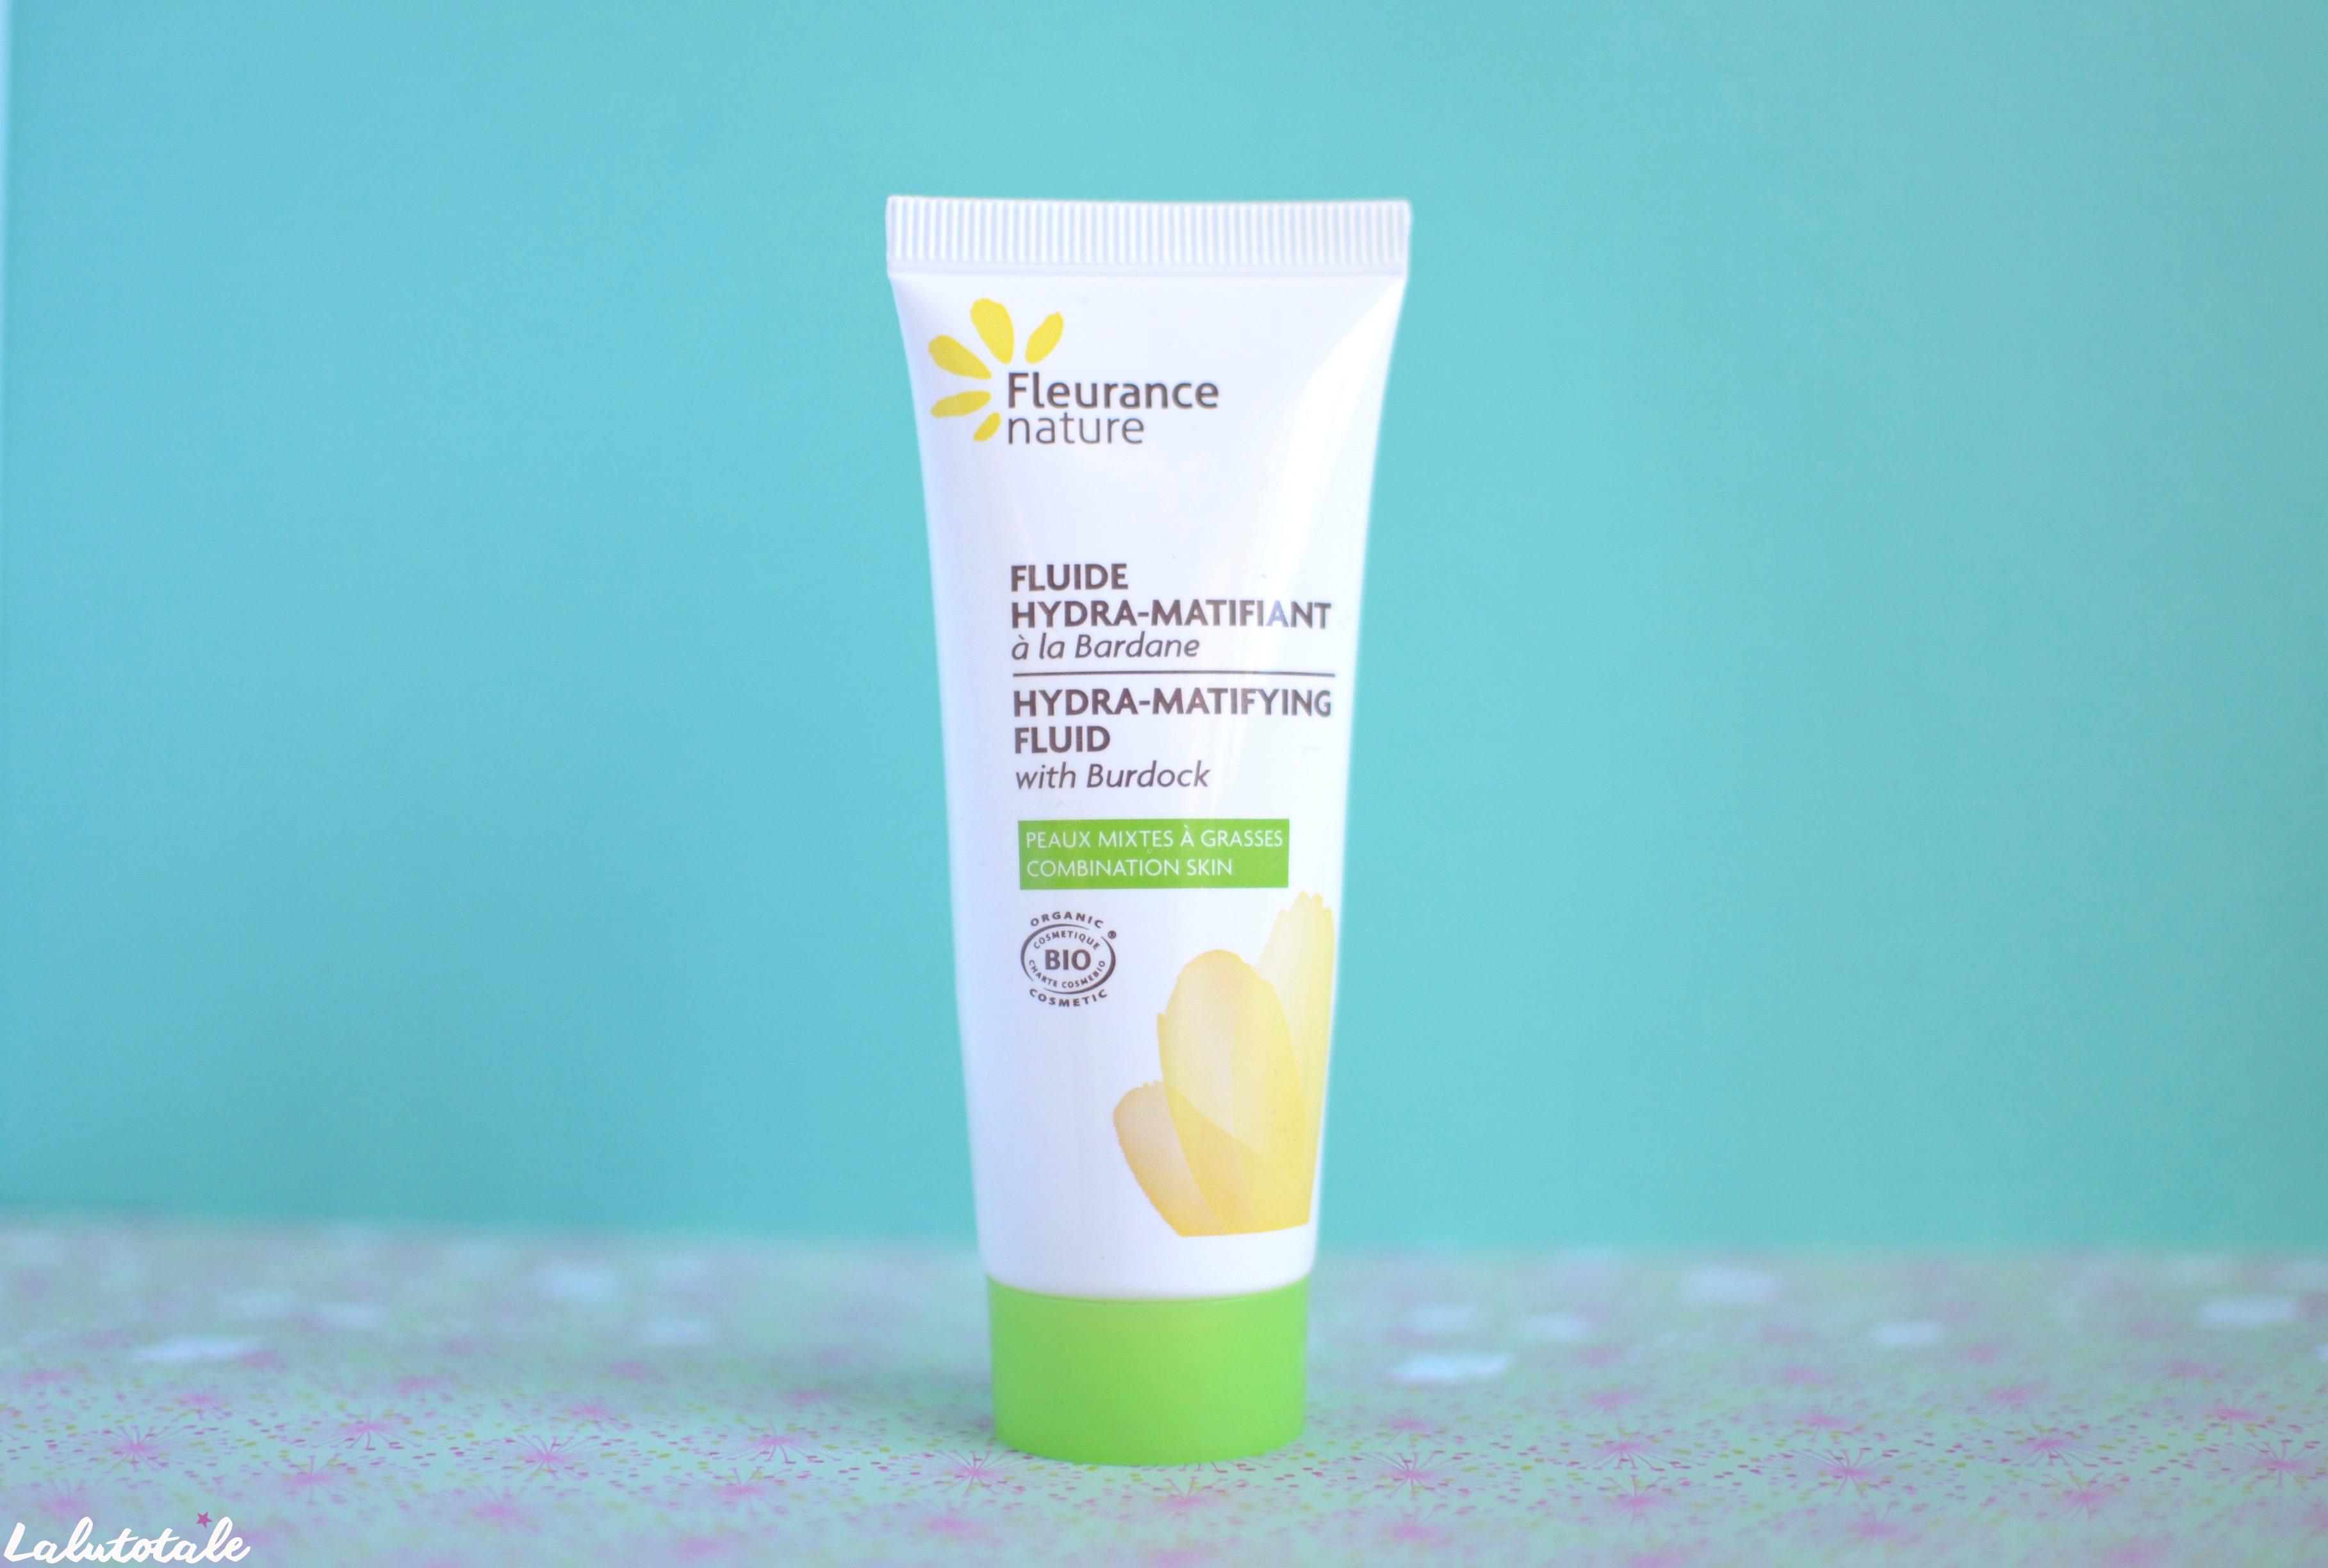 ( Fleurance Nature ) La bardane dans un fluide matifiant : la solution parfaite pour peaux mixtes ?